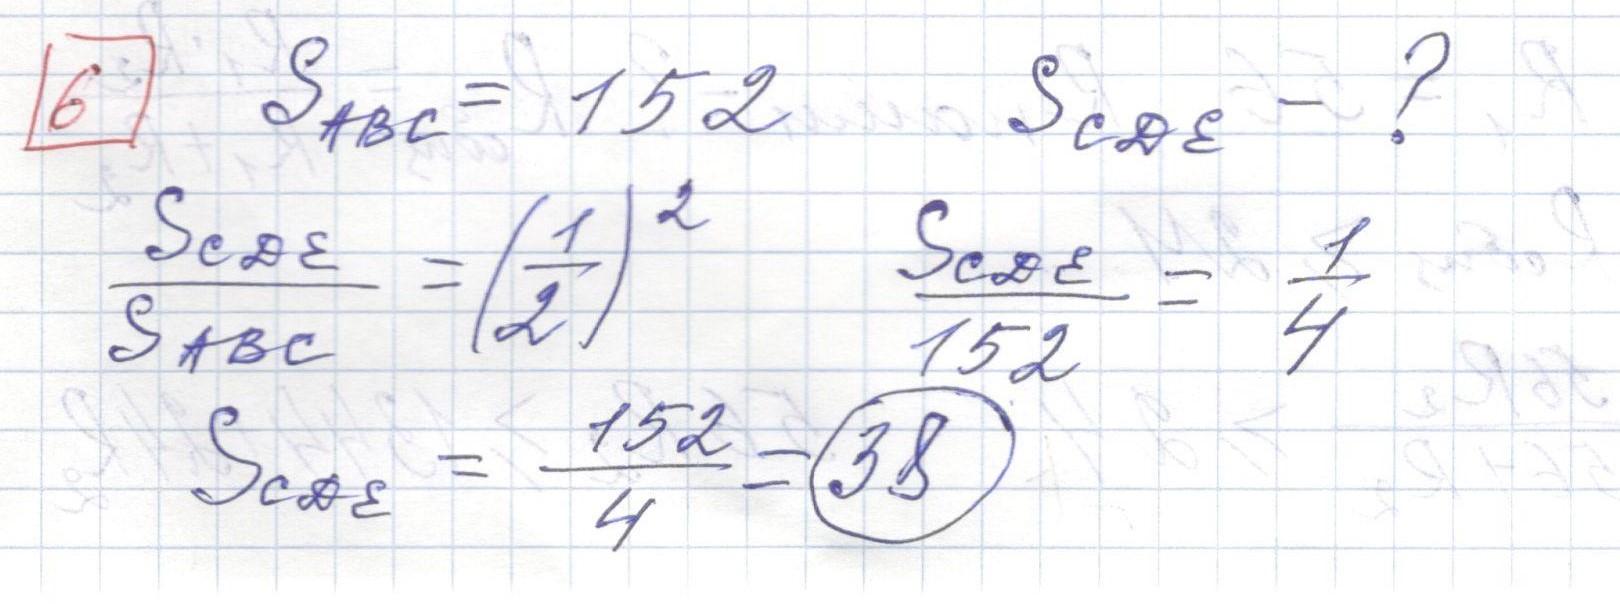 Задние 6, Вариант 1 решение и ответ - Ященко ЕГЭ 2018 математика профиль 36 вариантов